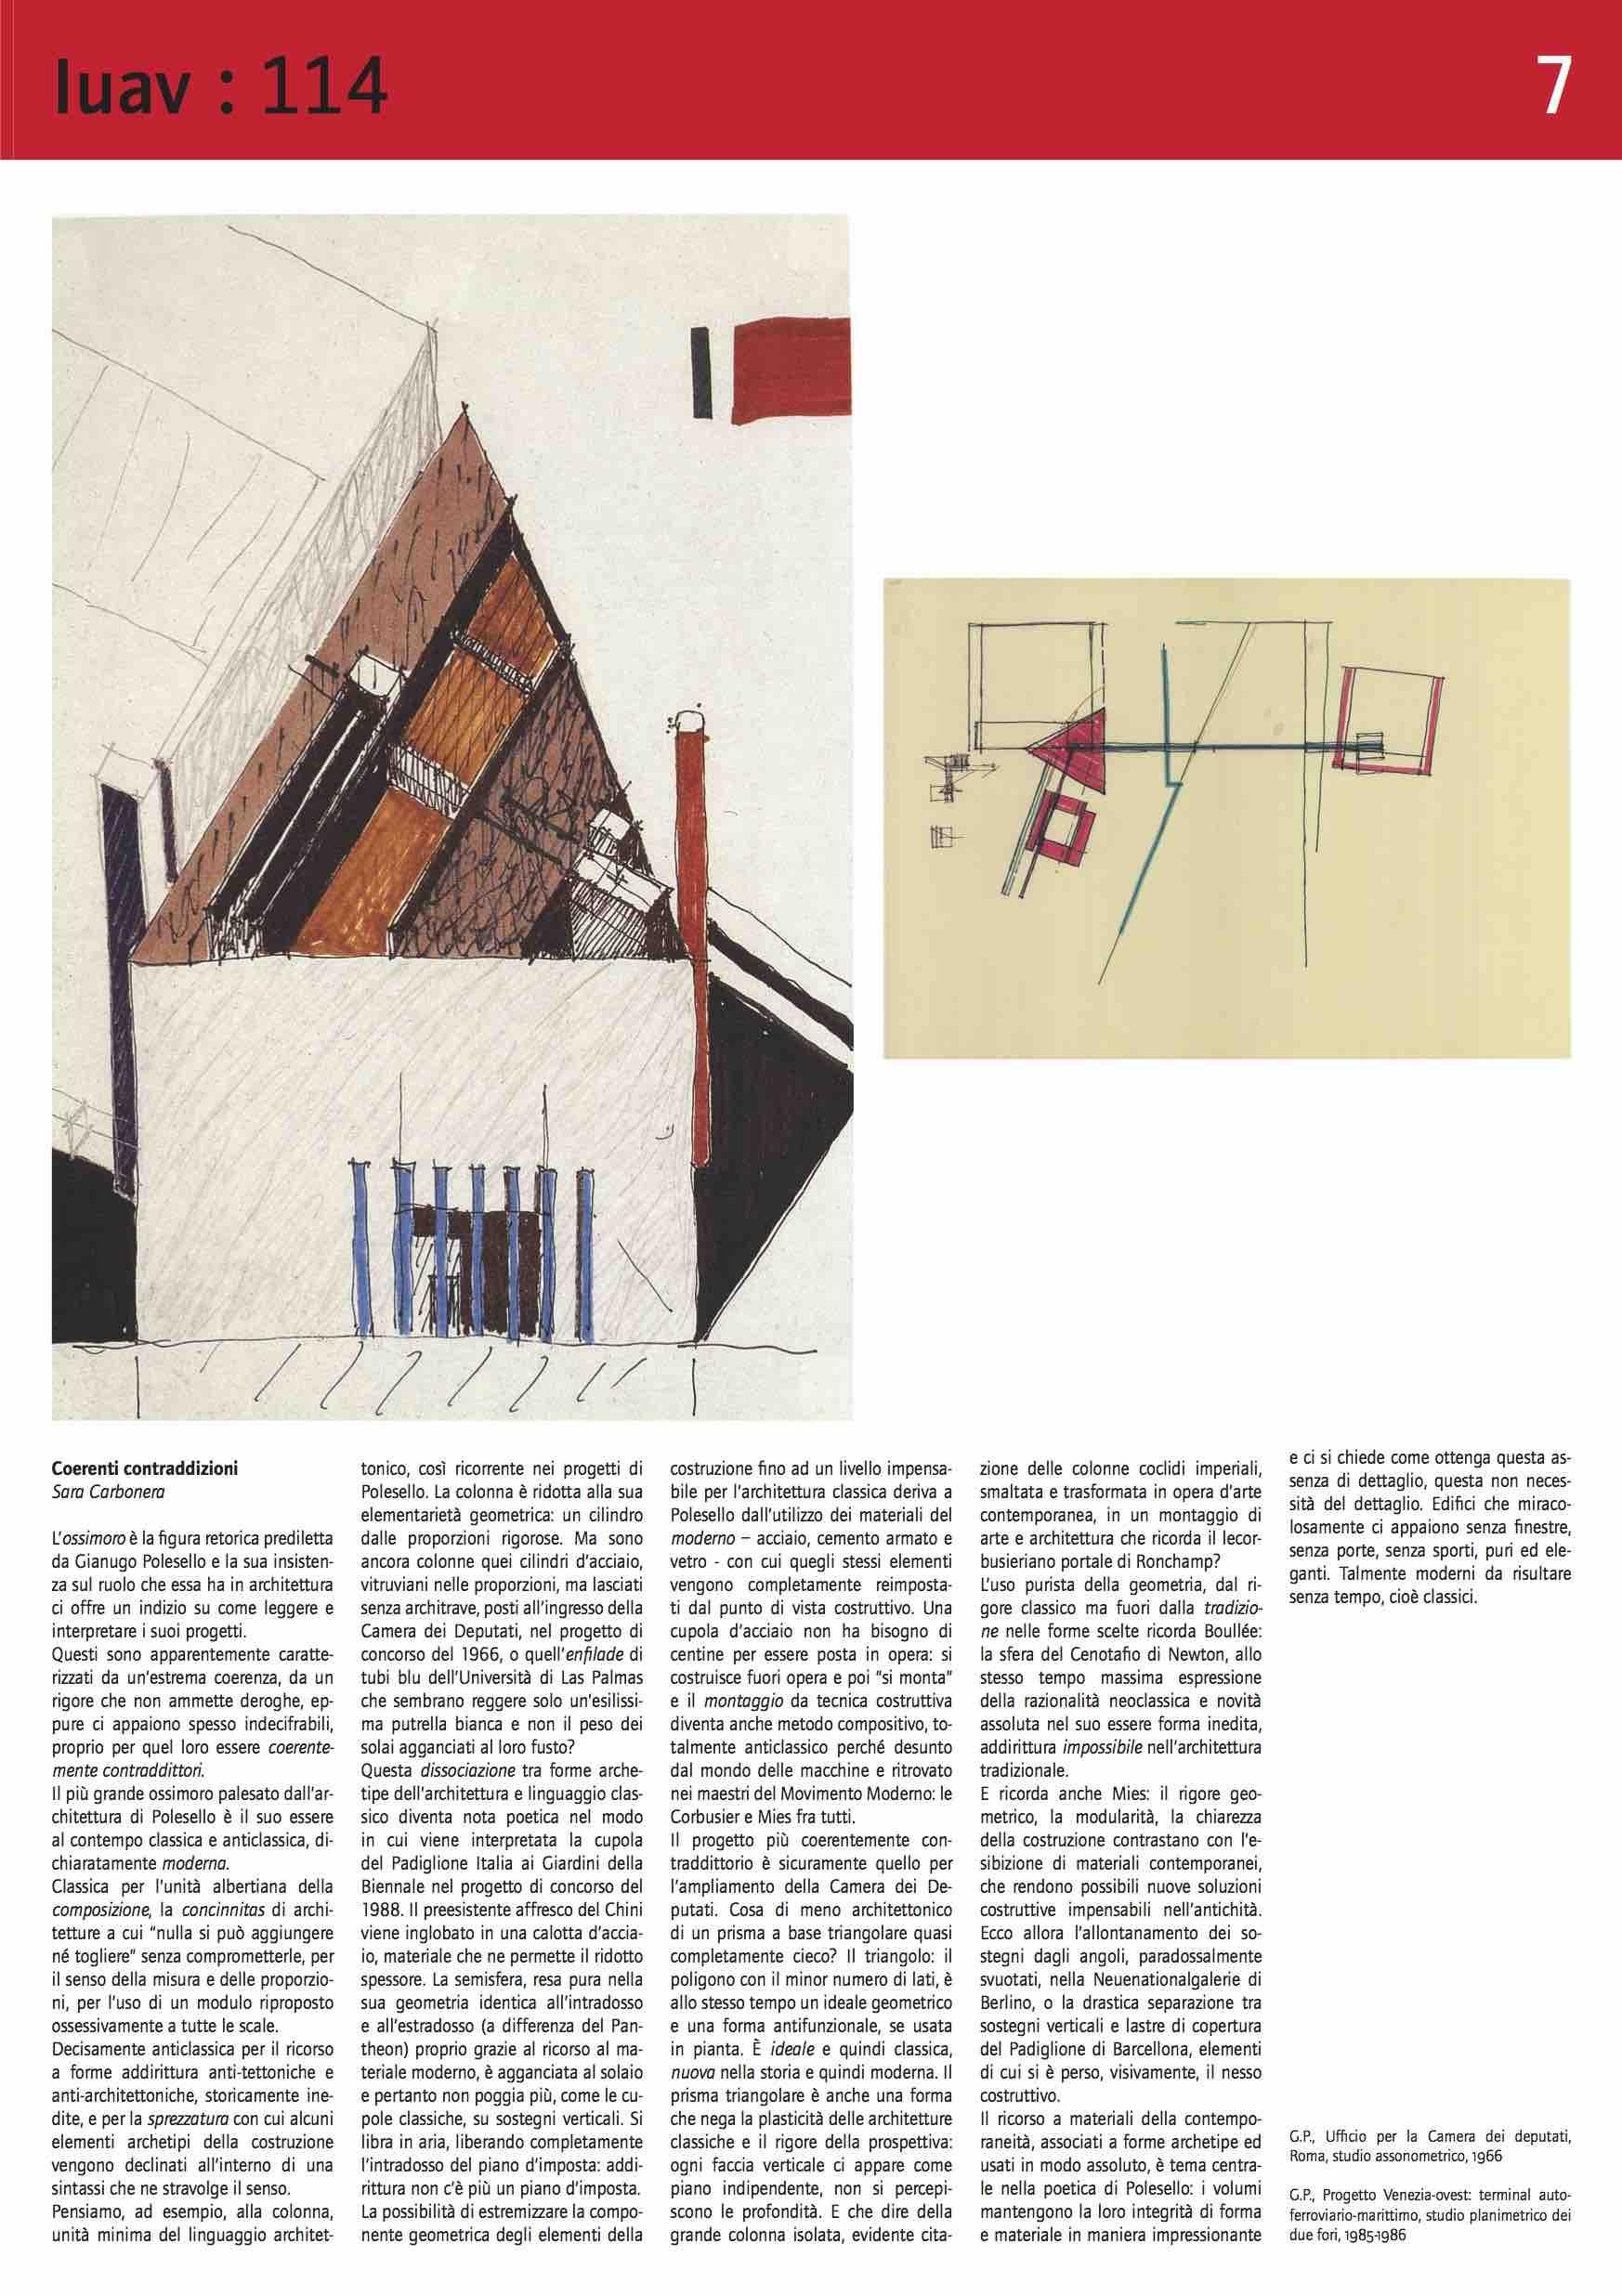 """Sara Carbonera, """"Coerenti contraddizioni"""", in G. Rakowitz (a cura di) """"GIANUGO POLESELLO Maestro dell'indecifrabile. Auto-ritratti veneziani"""", Giornale IUAV 114, Venezia 2012, p.7"""